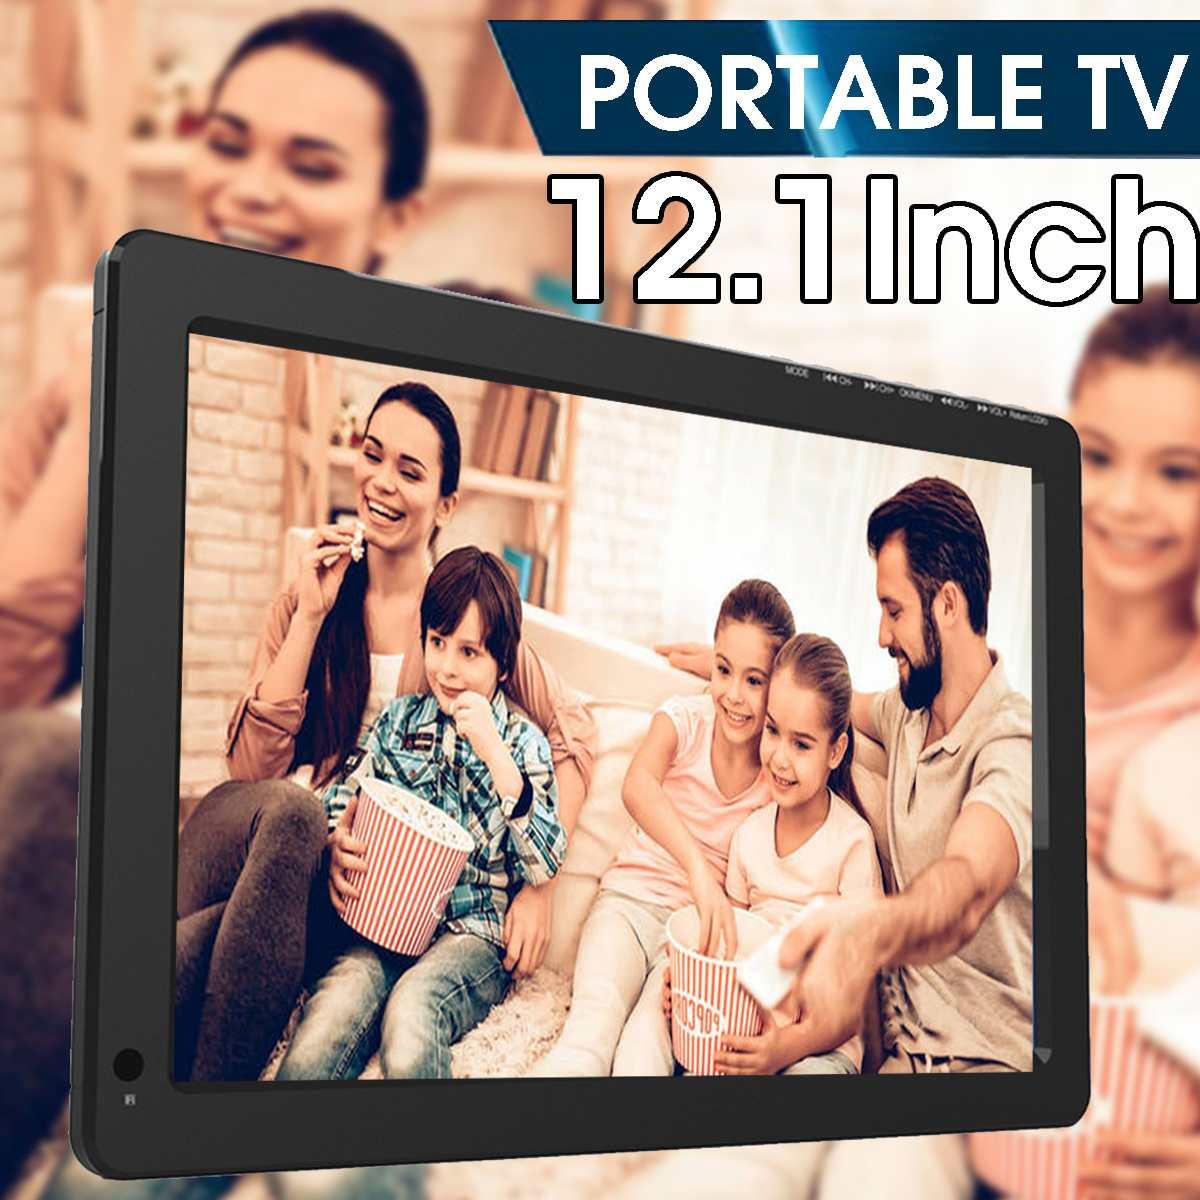 12 В 18 Вт 12,1 дюймов портативный цифровой аналоговый мини-Телевизор DVB-T/DVB-T2 TFT LED 1080P HD Автомобильный ТВ Поддержка TF карта USB аудио разъем ЕС